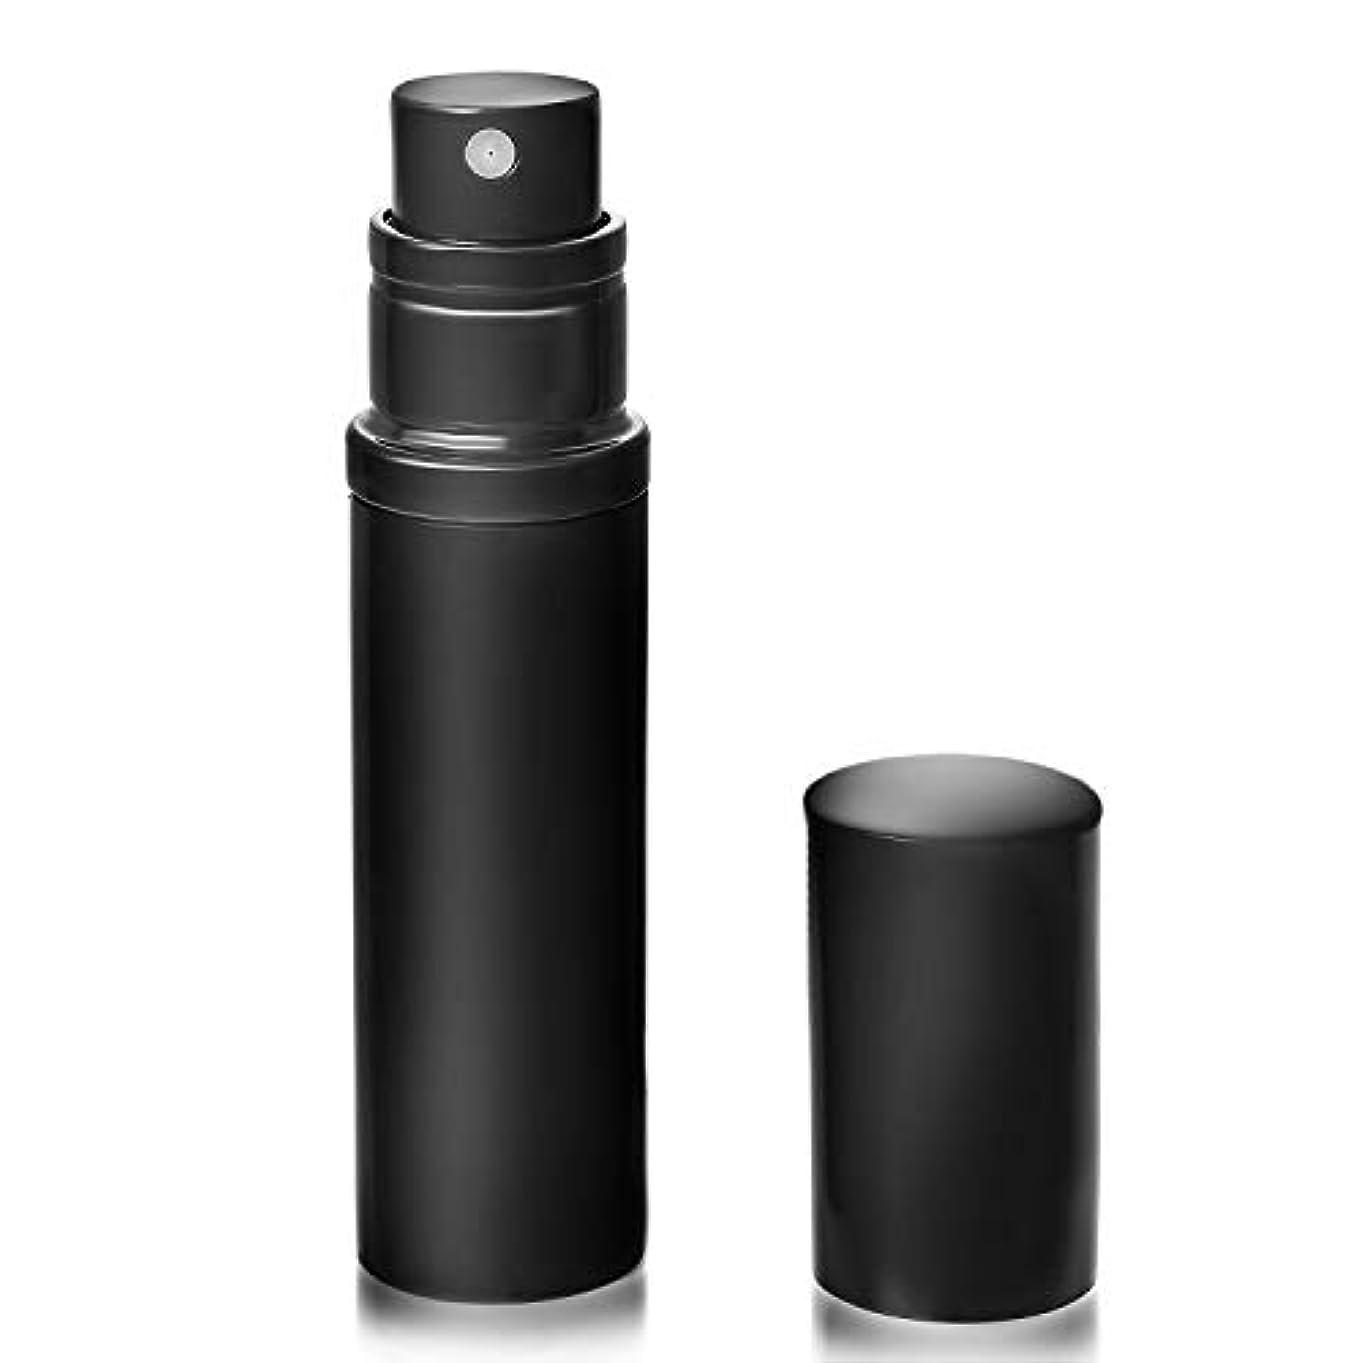 迷信フィラデルフィア子供達アトマイザ- 香水 クイックアトマイザー ワンタッチ 入れ物 簡単 持ち運び 詰め替え ポータブルクイック 容器 香水噴霧器 ブラック YOOMARO